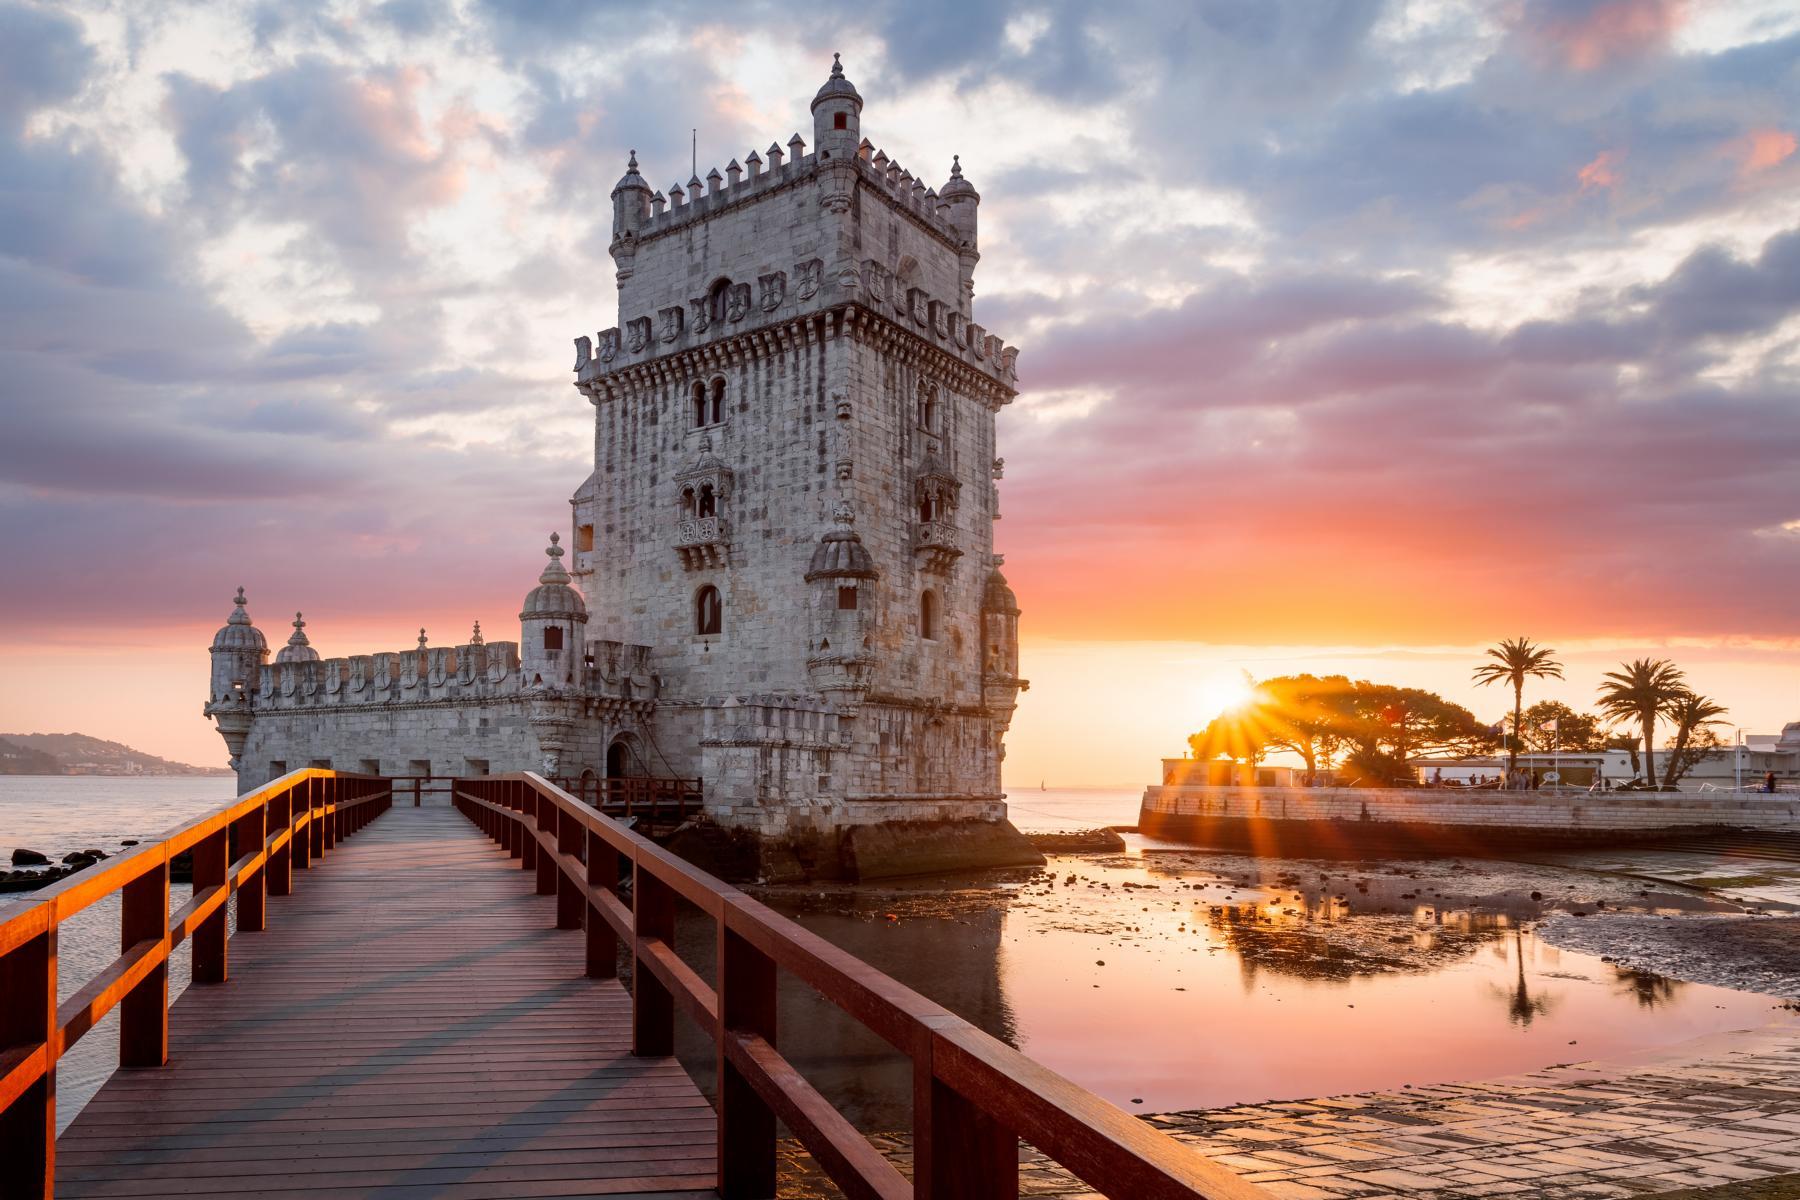 Landausflug in Lissabon auf einer Kreuzfahrt mit der Silver Wind von Silversea Cruises